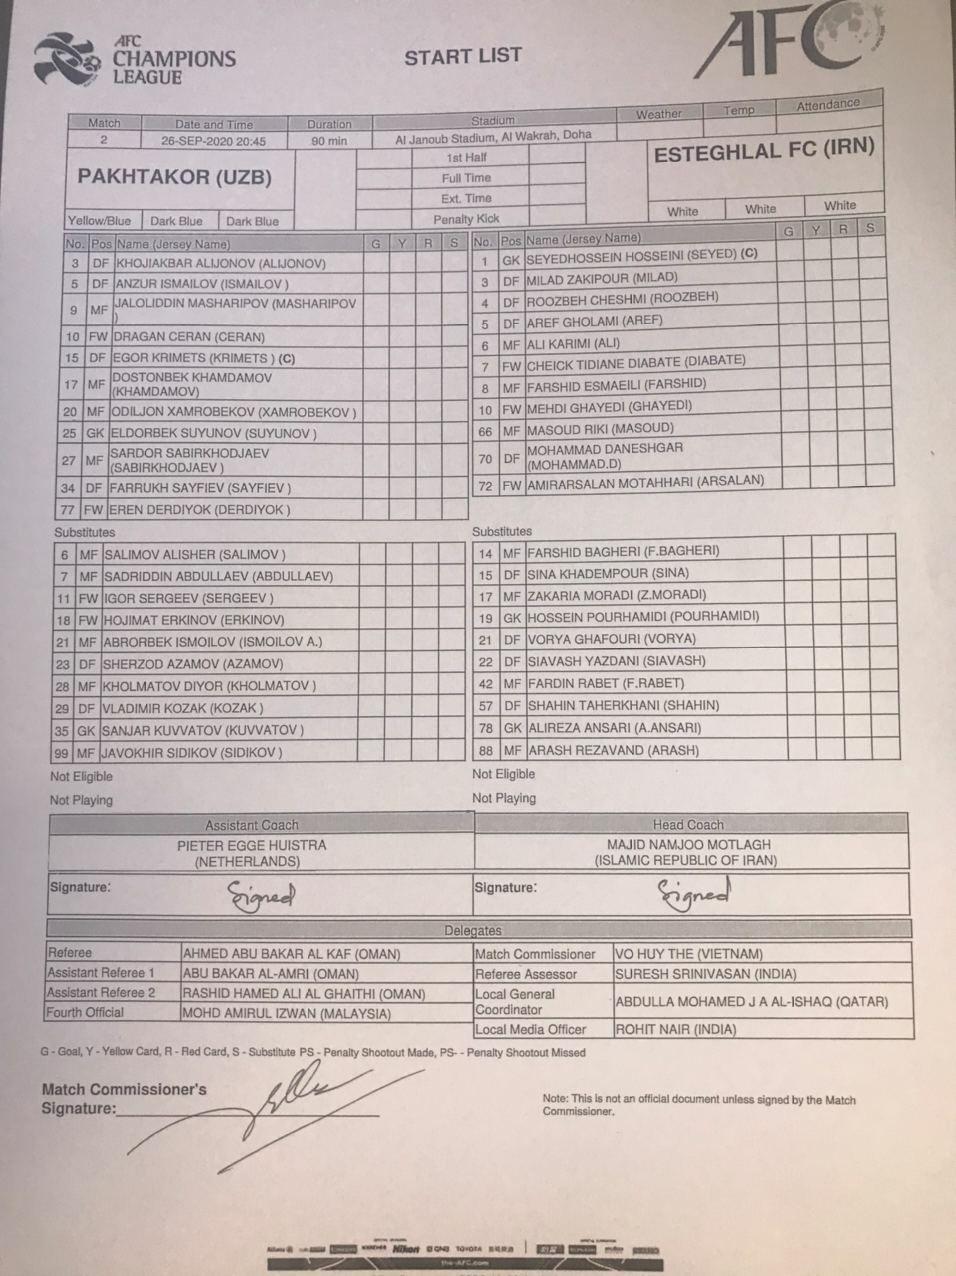 فرم بازی استقلال ایران - پاختاکور ازبکستان